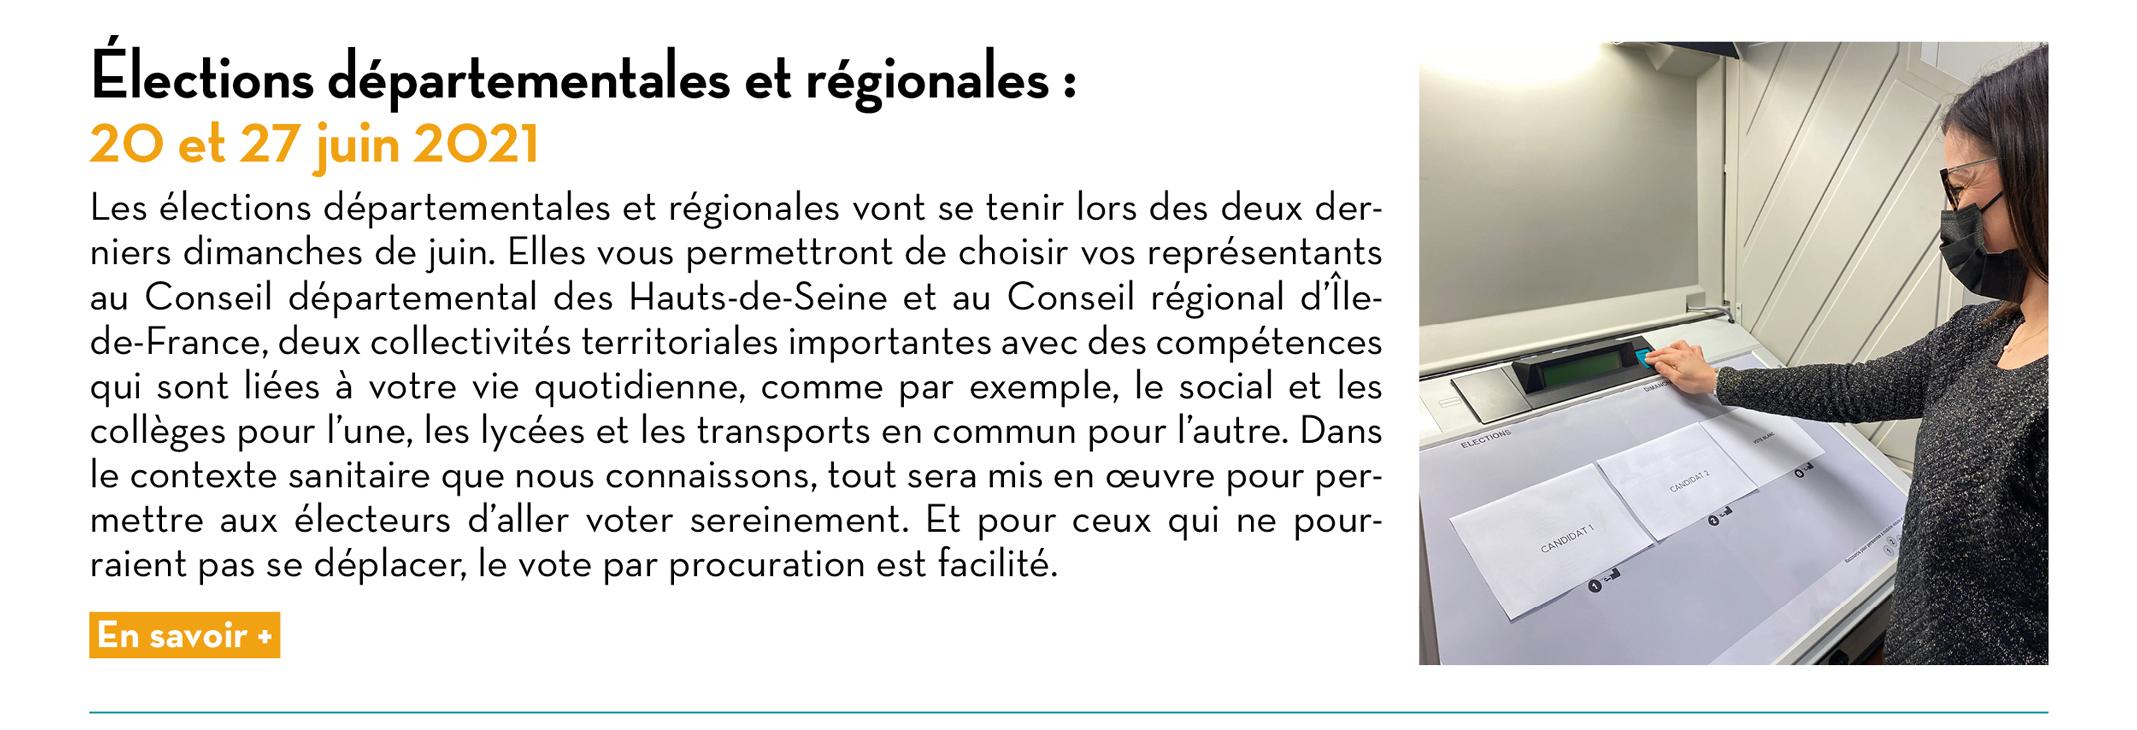 Élections départementales et régionales : 20 et 27 juin 2021